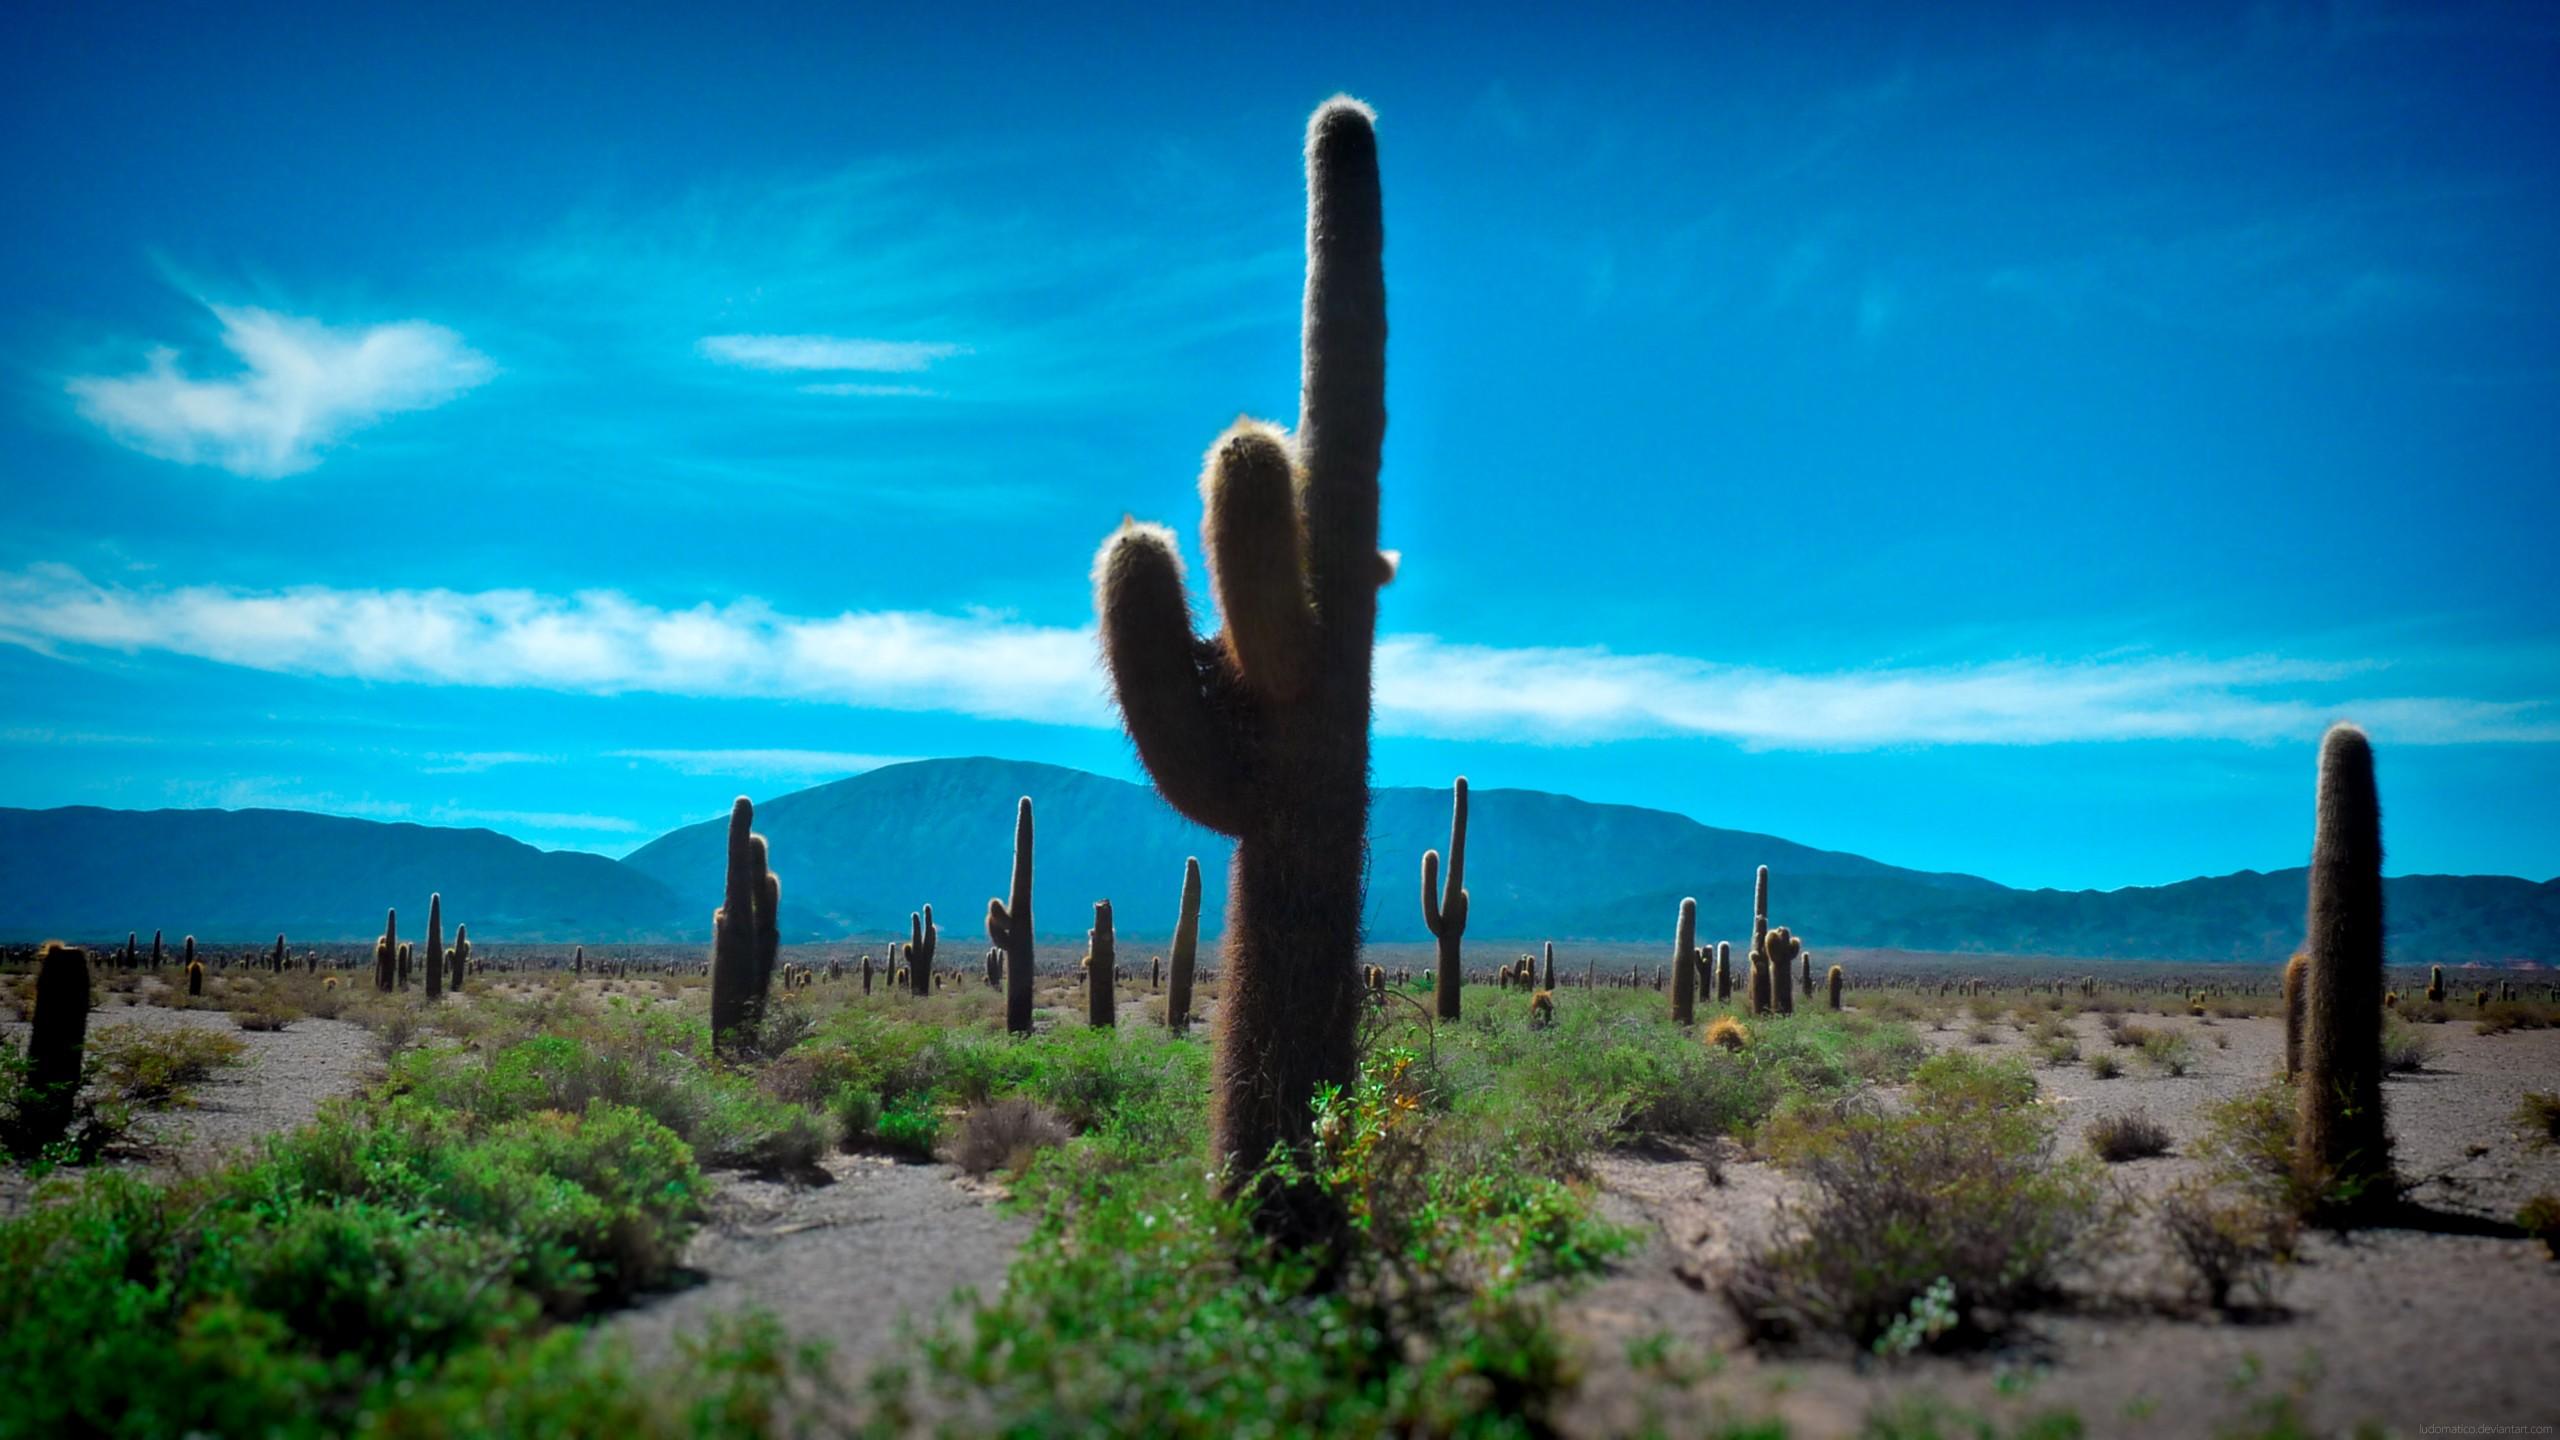 desert cactus wallpaper 2560x1440 19731 wallpaperup